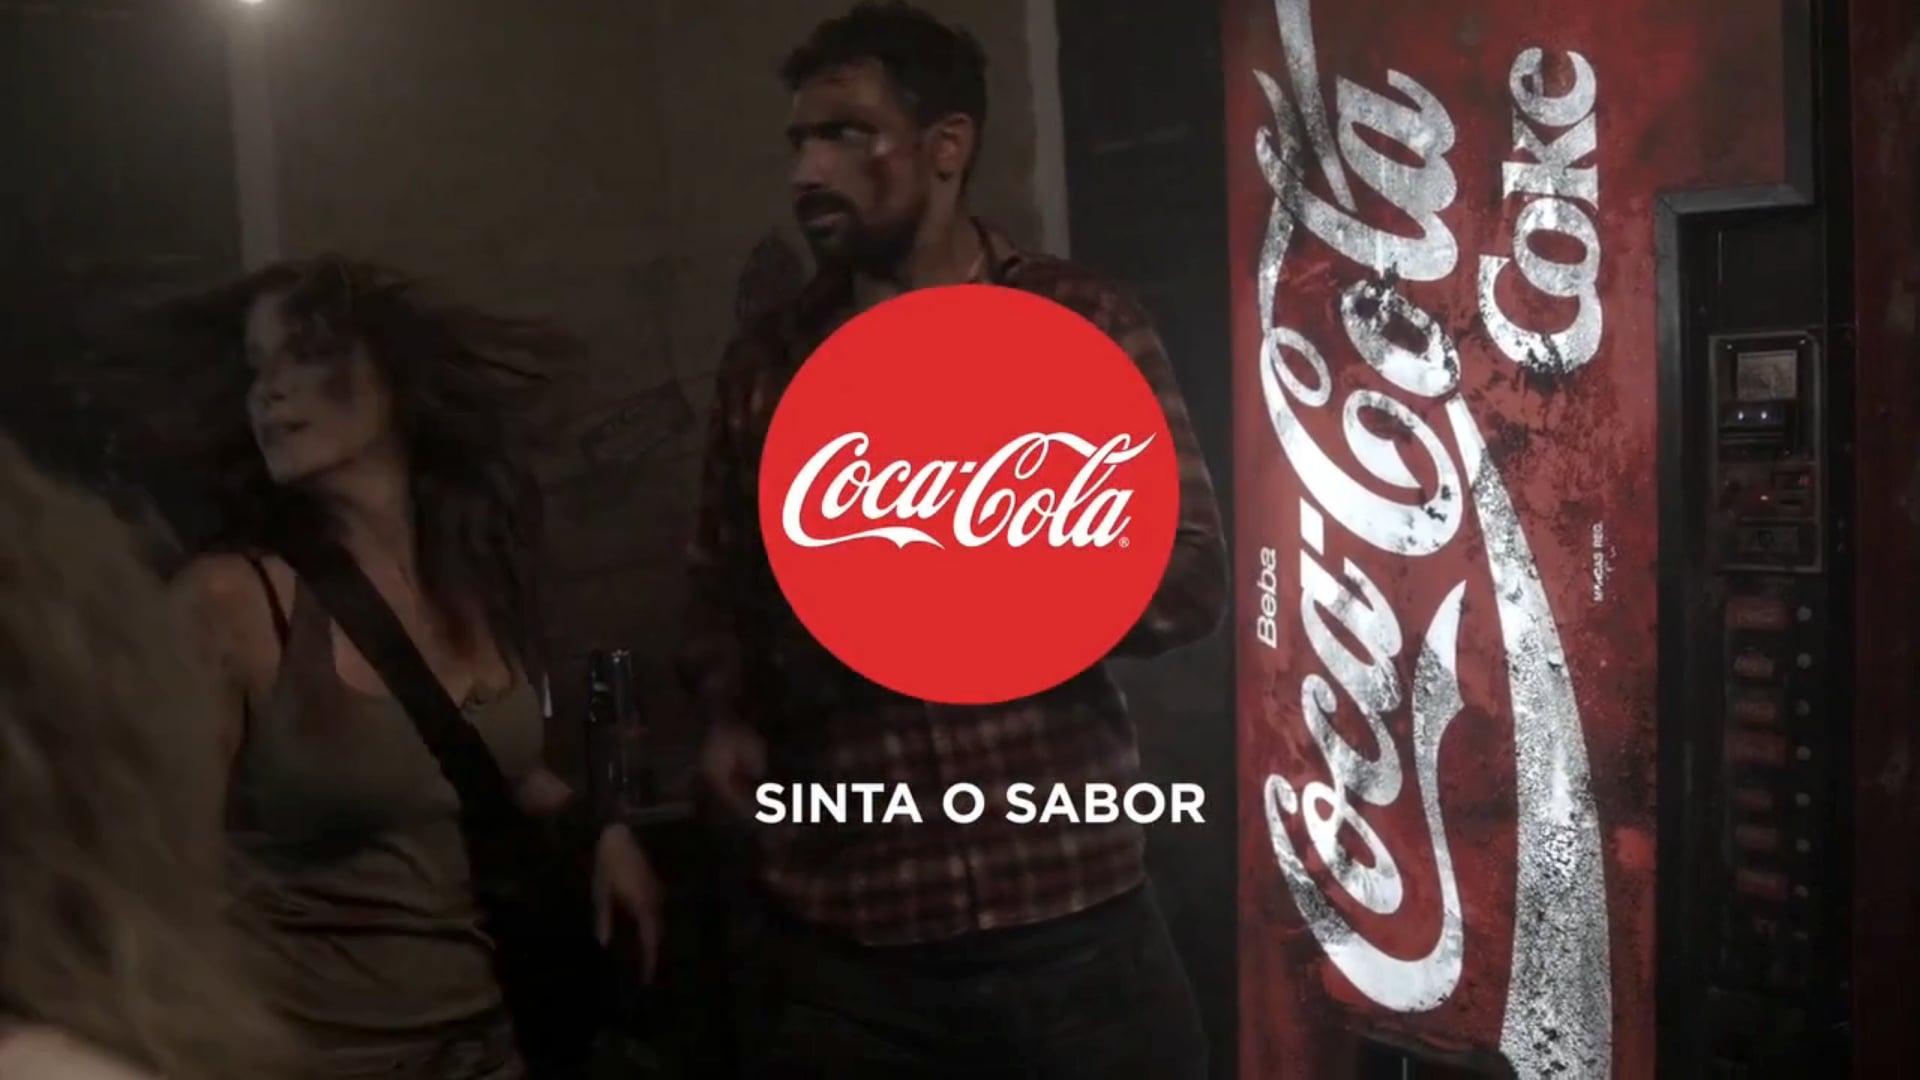 COCA - COLA - The Walking Dead _ Zombie Prank - 3 minutos